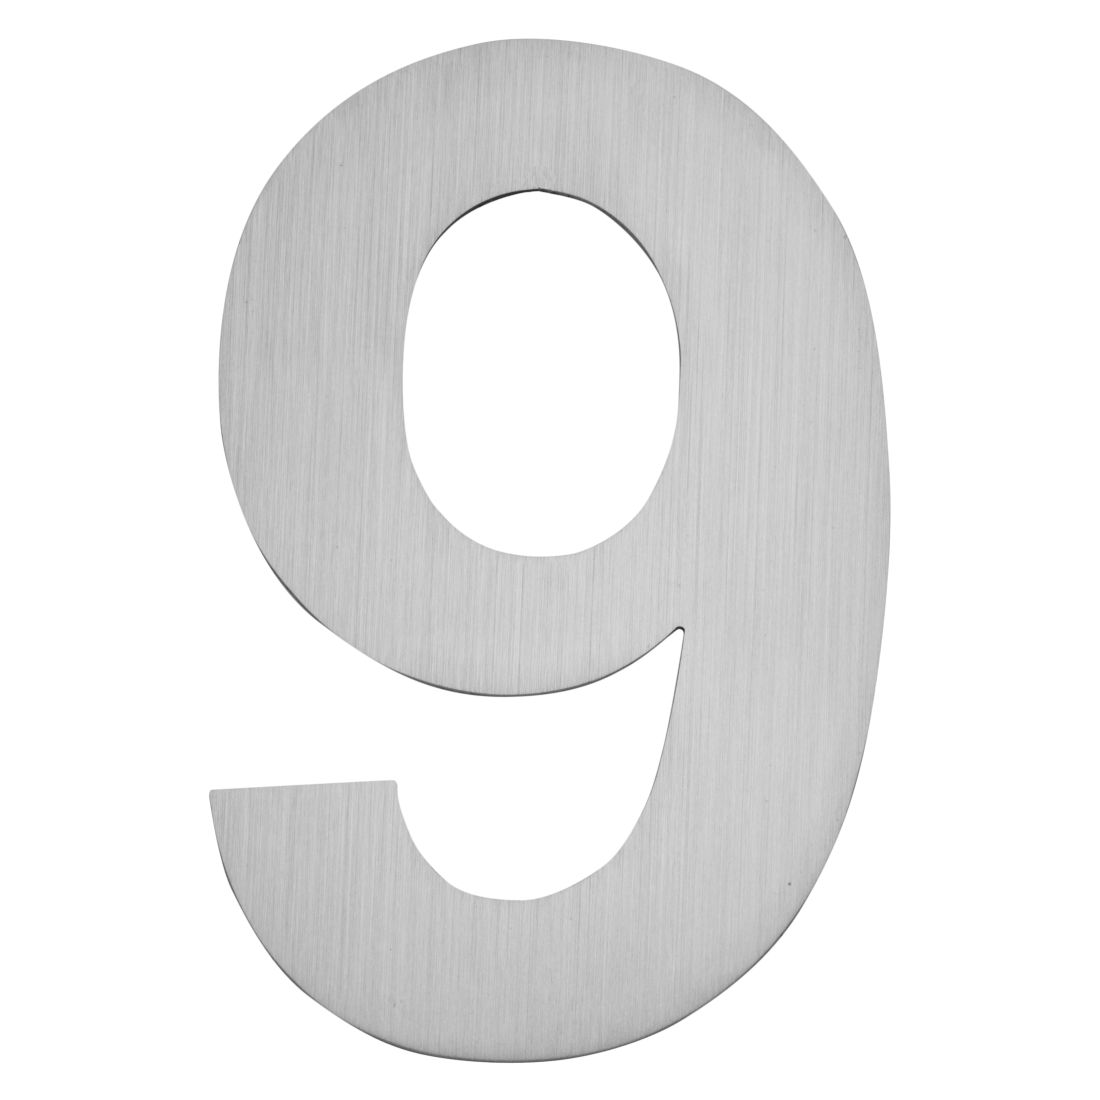 Hausnummer zum Aufkleben 9 - Matt Gebürstet Edelstahl Matt Gebürstet Silber, Serafini